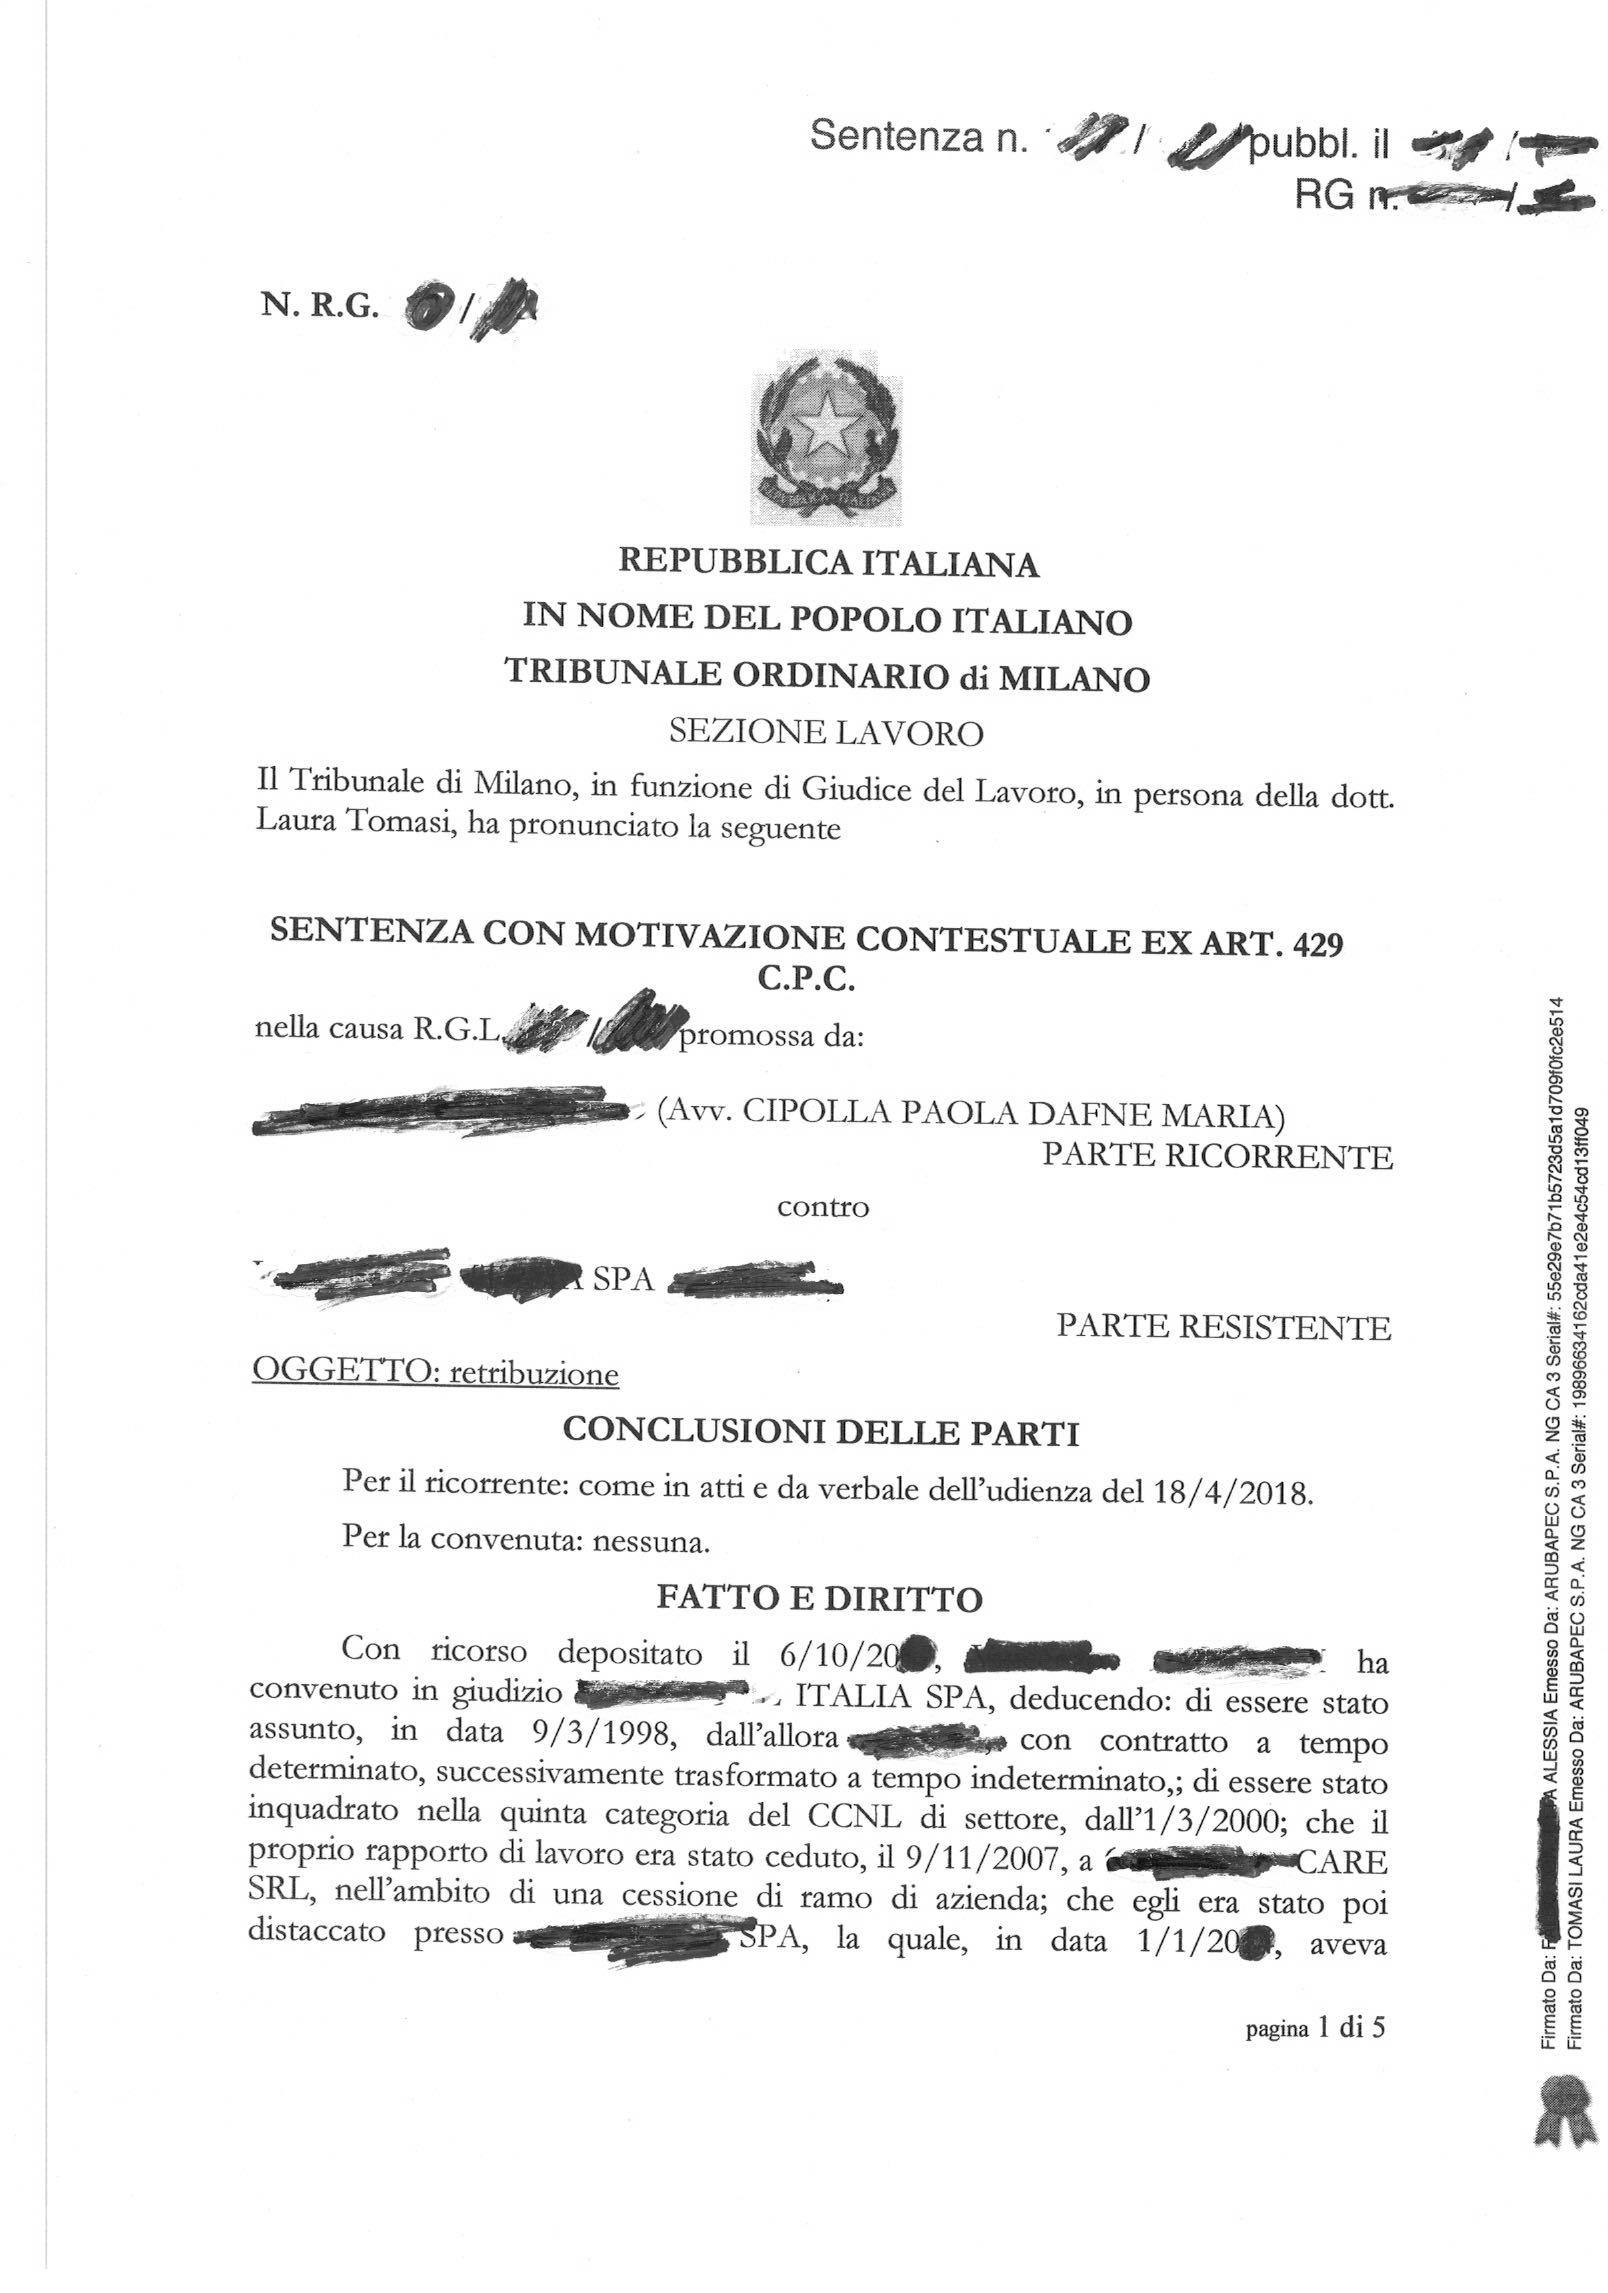 SE  LA CESSIONE DI RAMO D'AZIENDA è ILLEGITTIMA